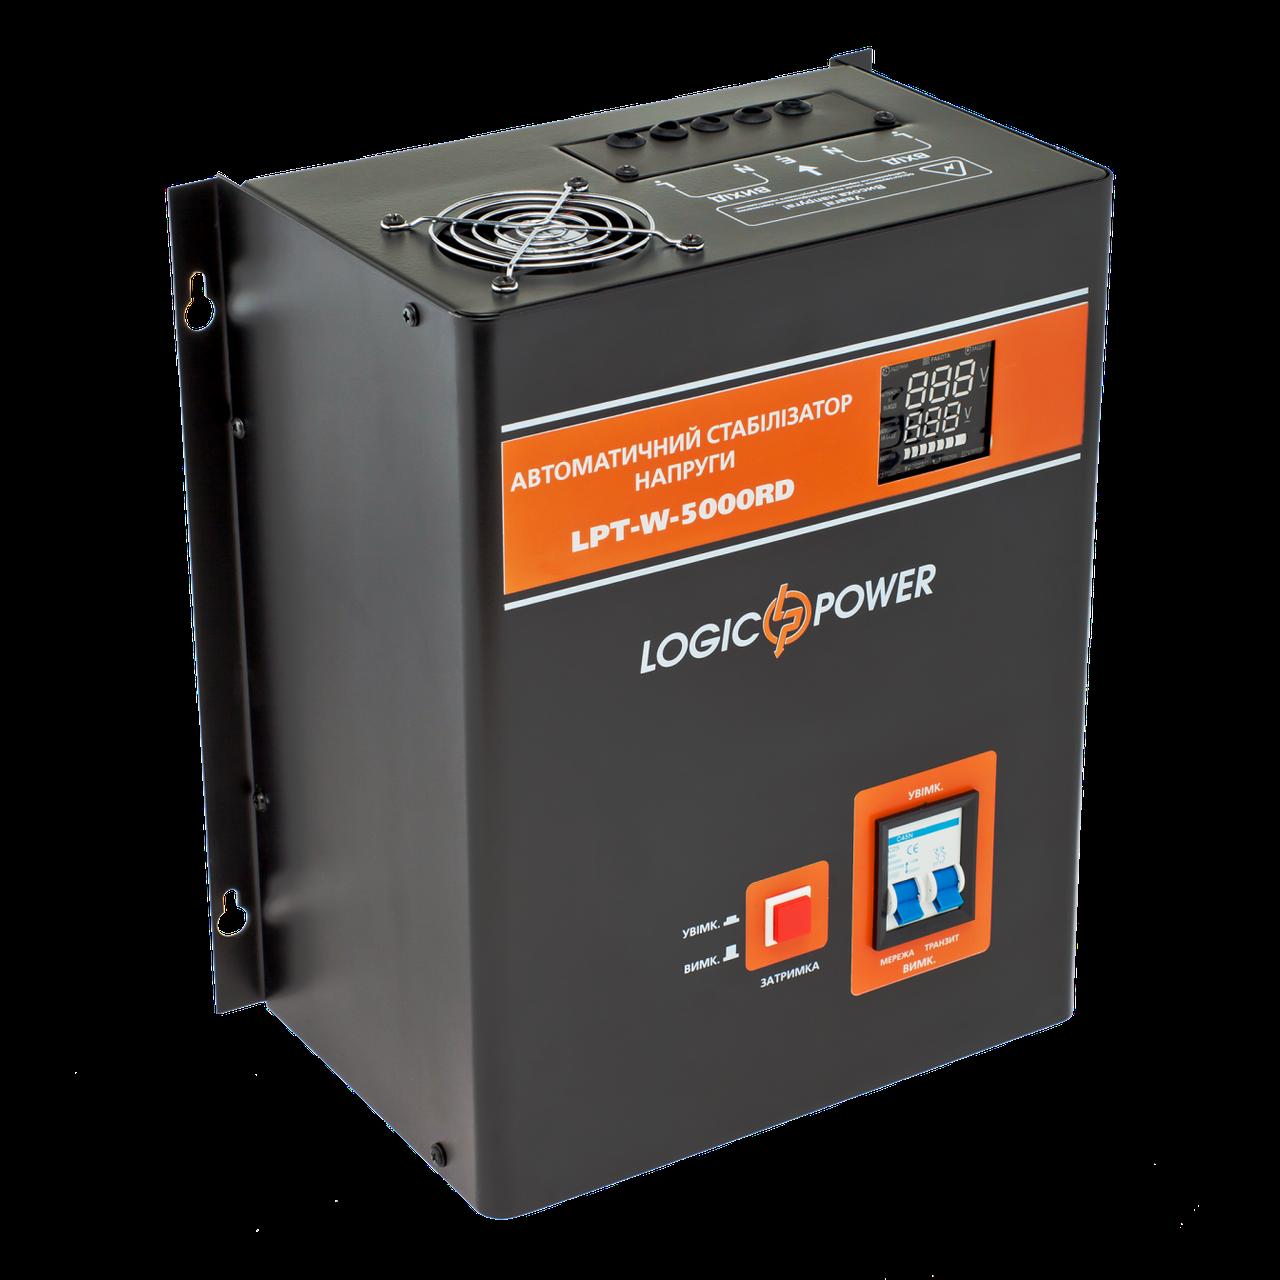 БУ Стабилизатор напряжения LPT-W-5000RD BLACK (3500W)